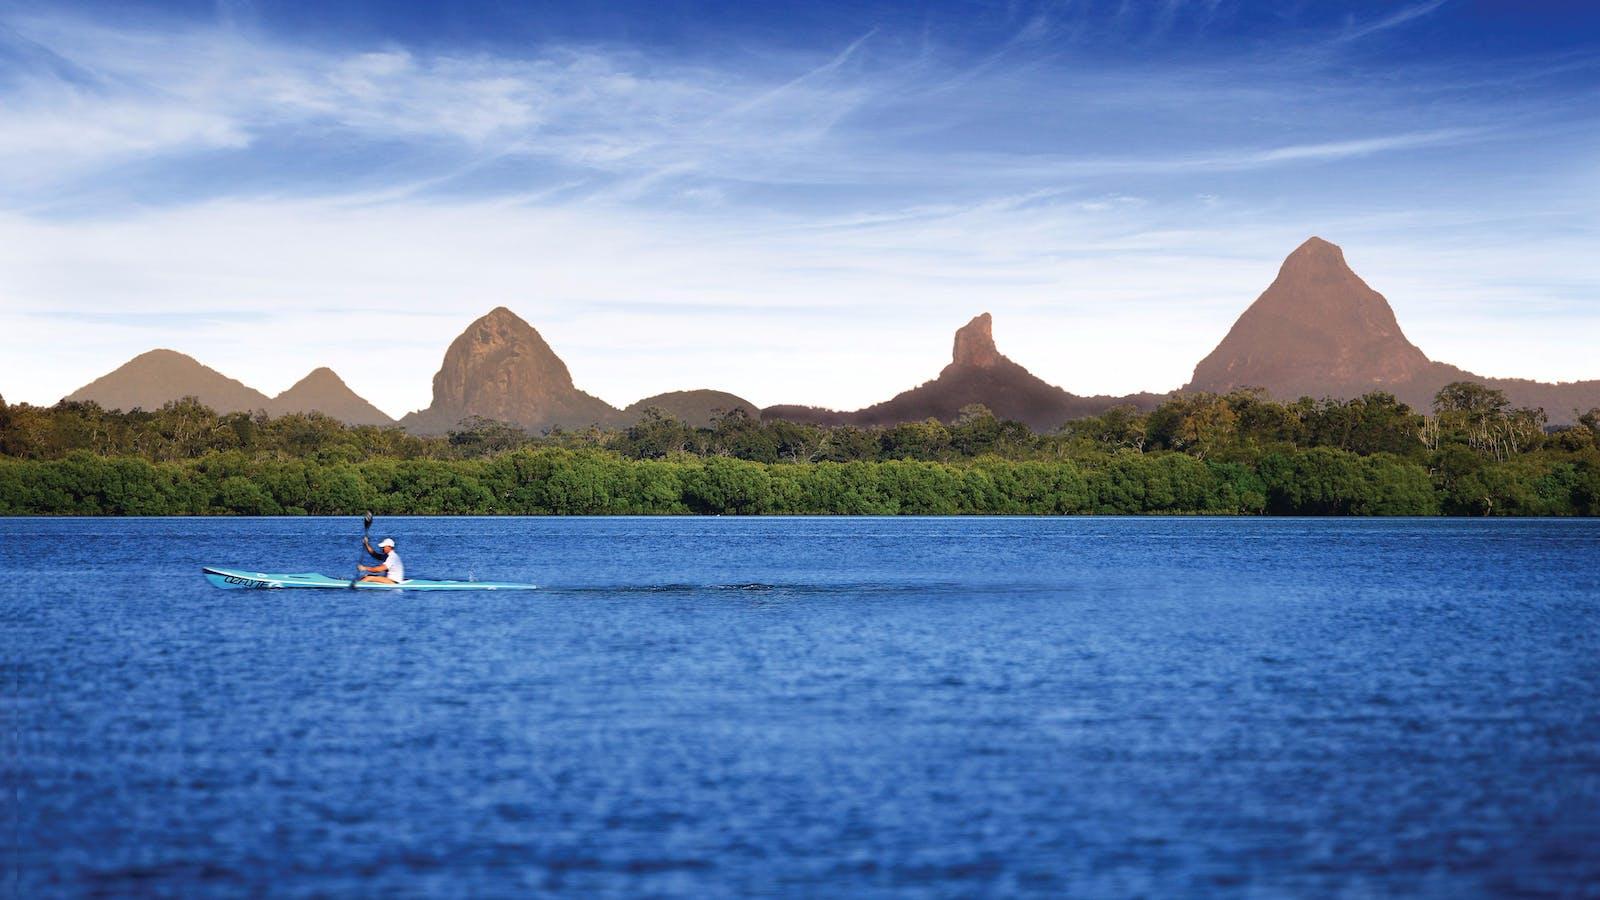 Kayak and Glass House Mountains